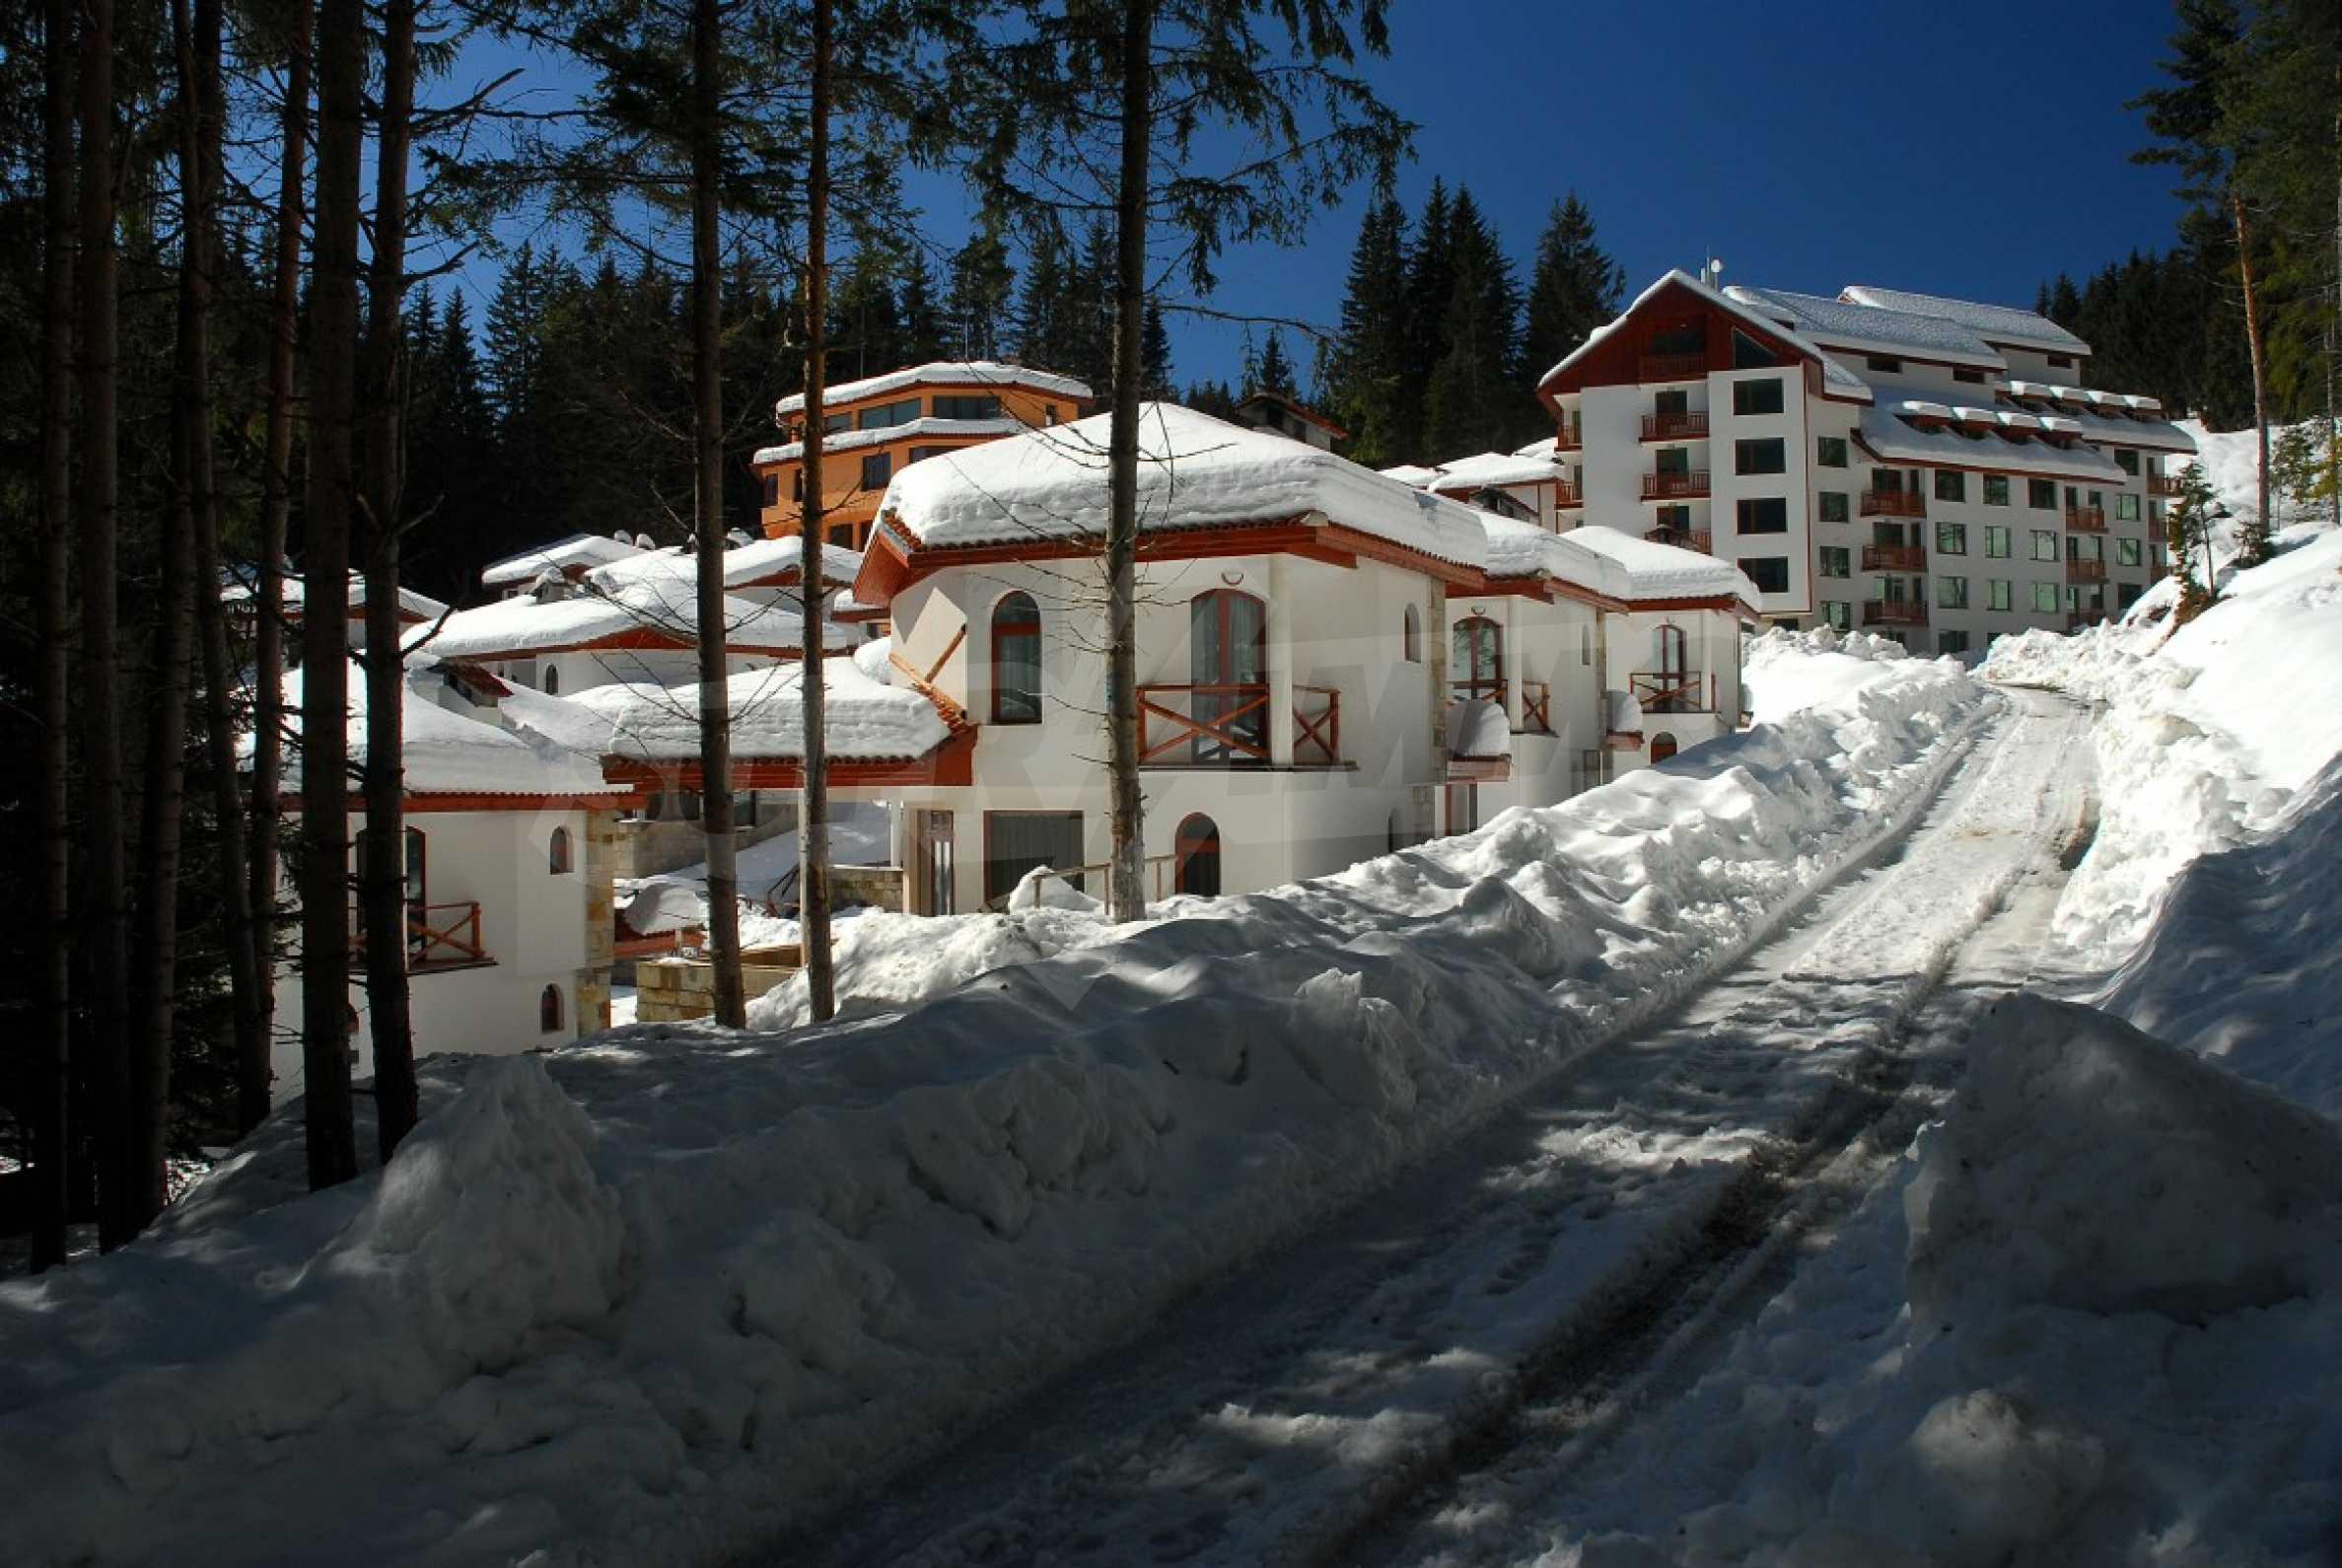 Апартаменти на атрактивни цени в планински ваканционен комплекс в Пампорово 28